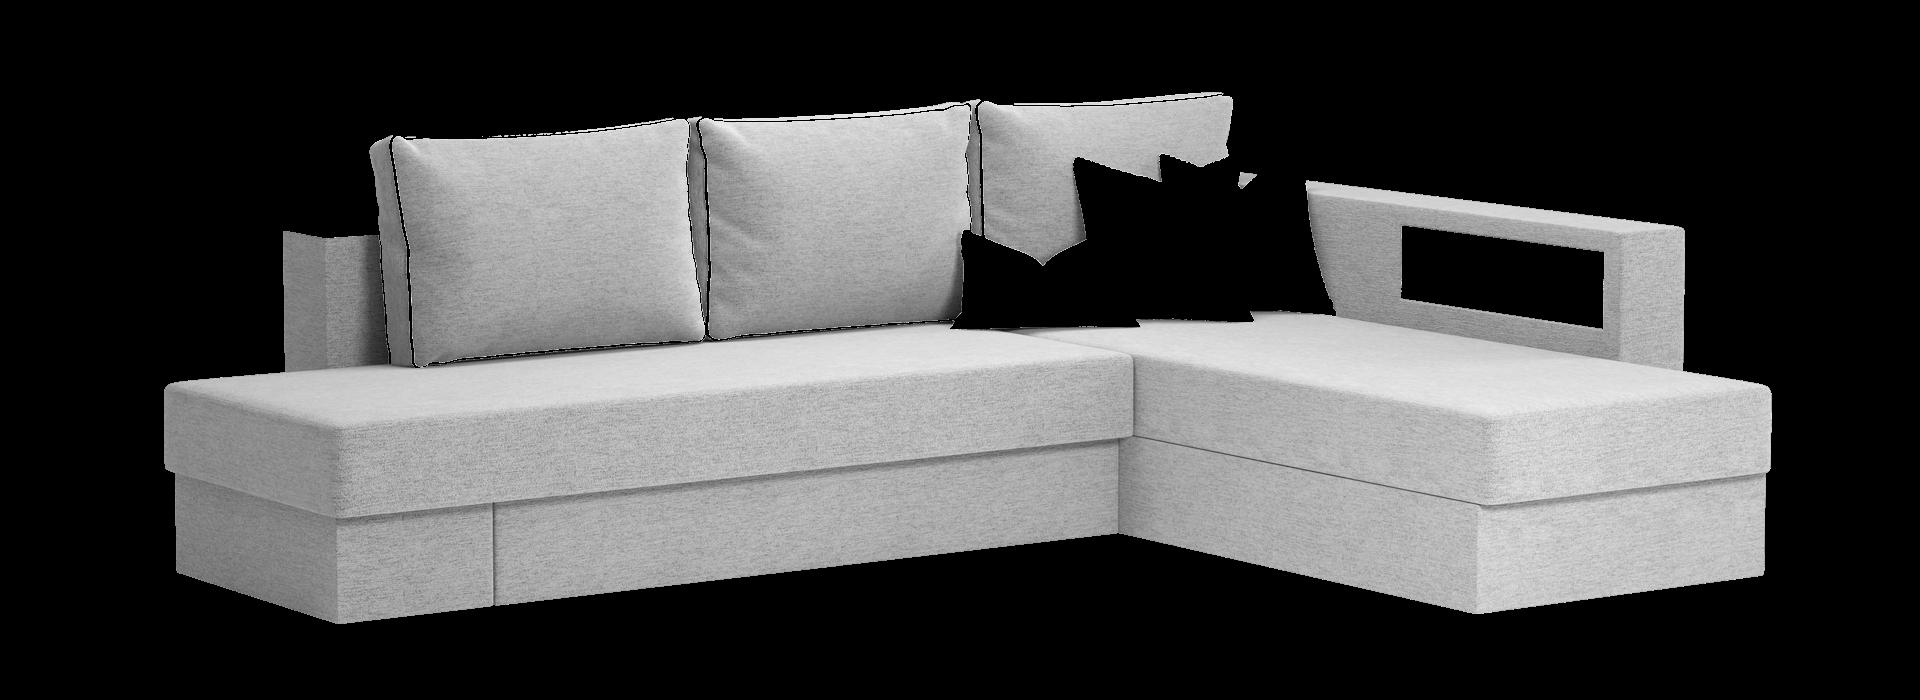 Кешет-2 кутовий поворотний диван - маска 2